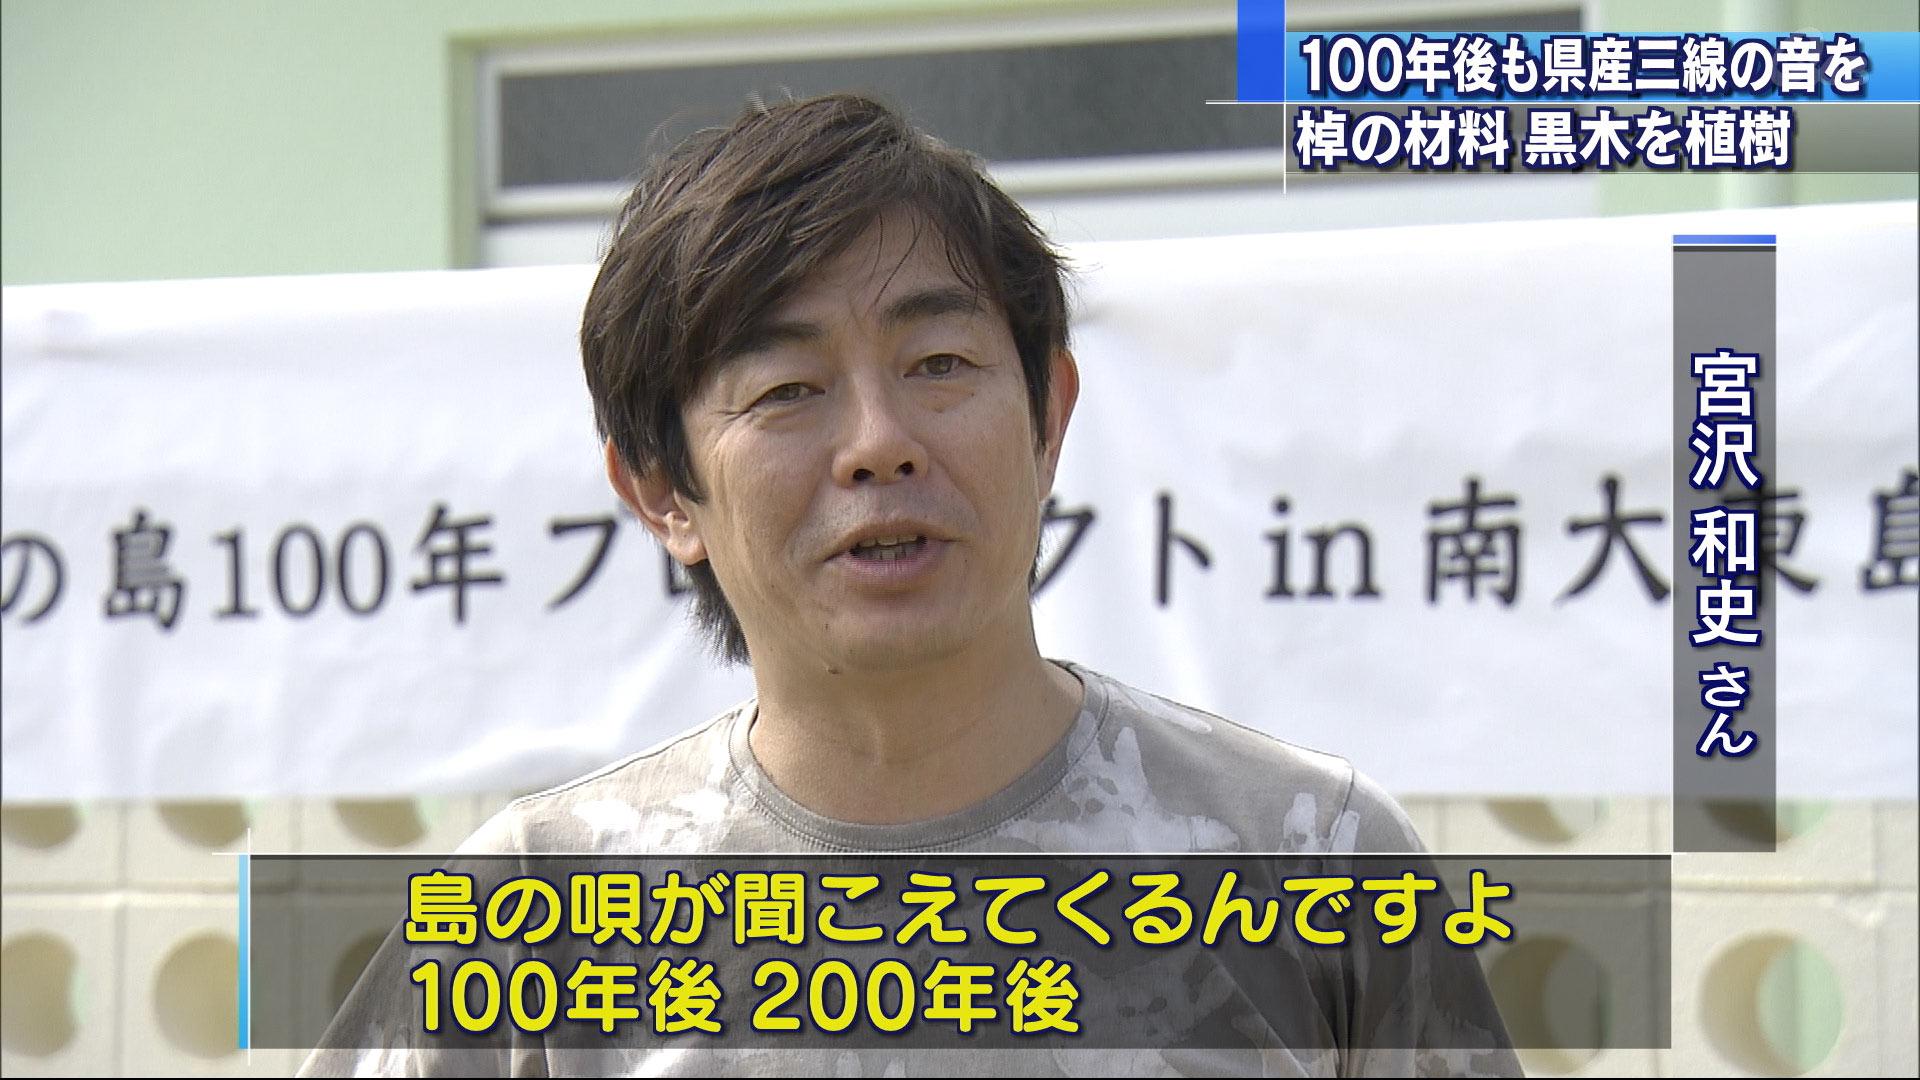 くるちの島100年プロジェクト